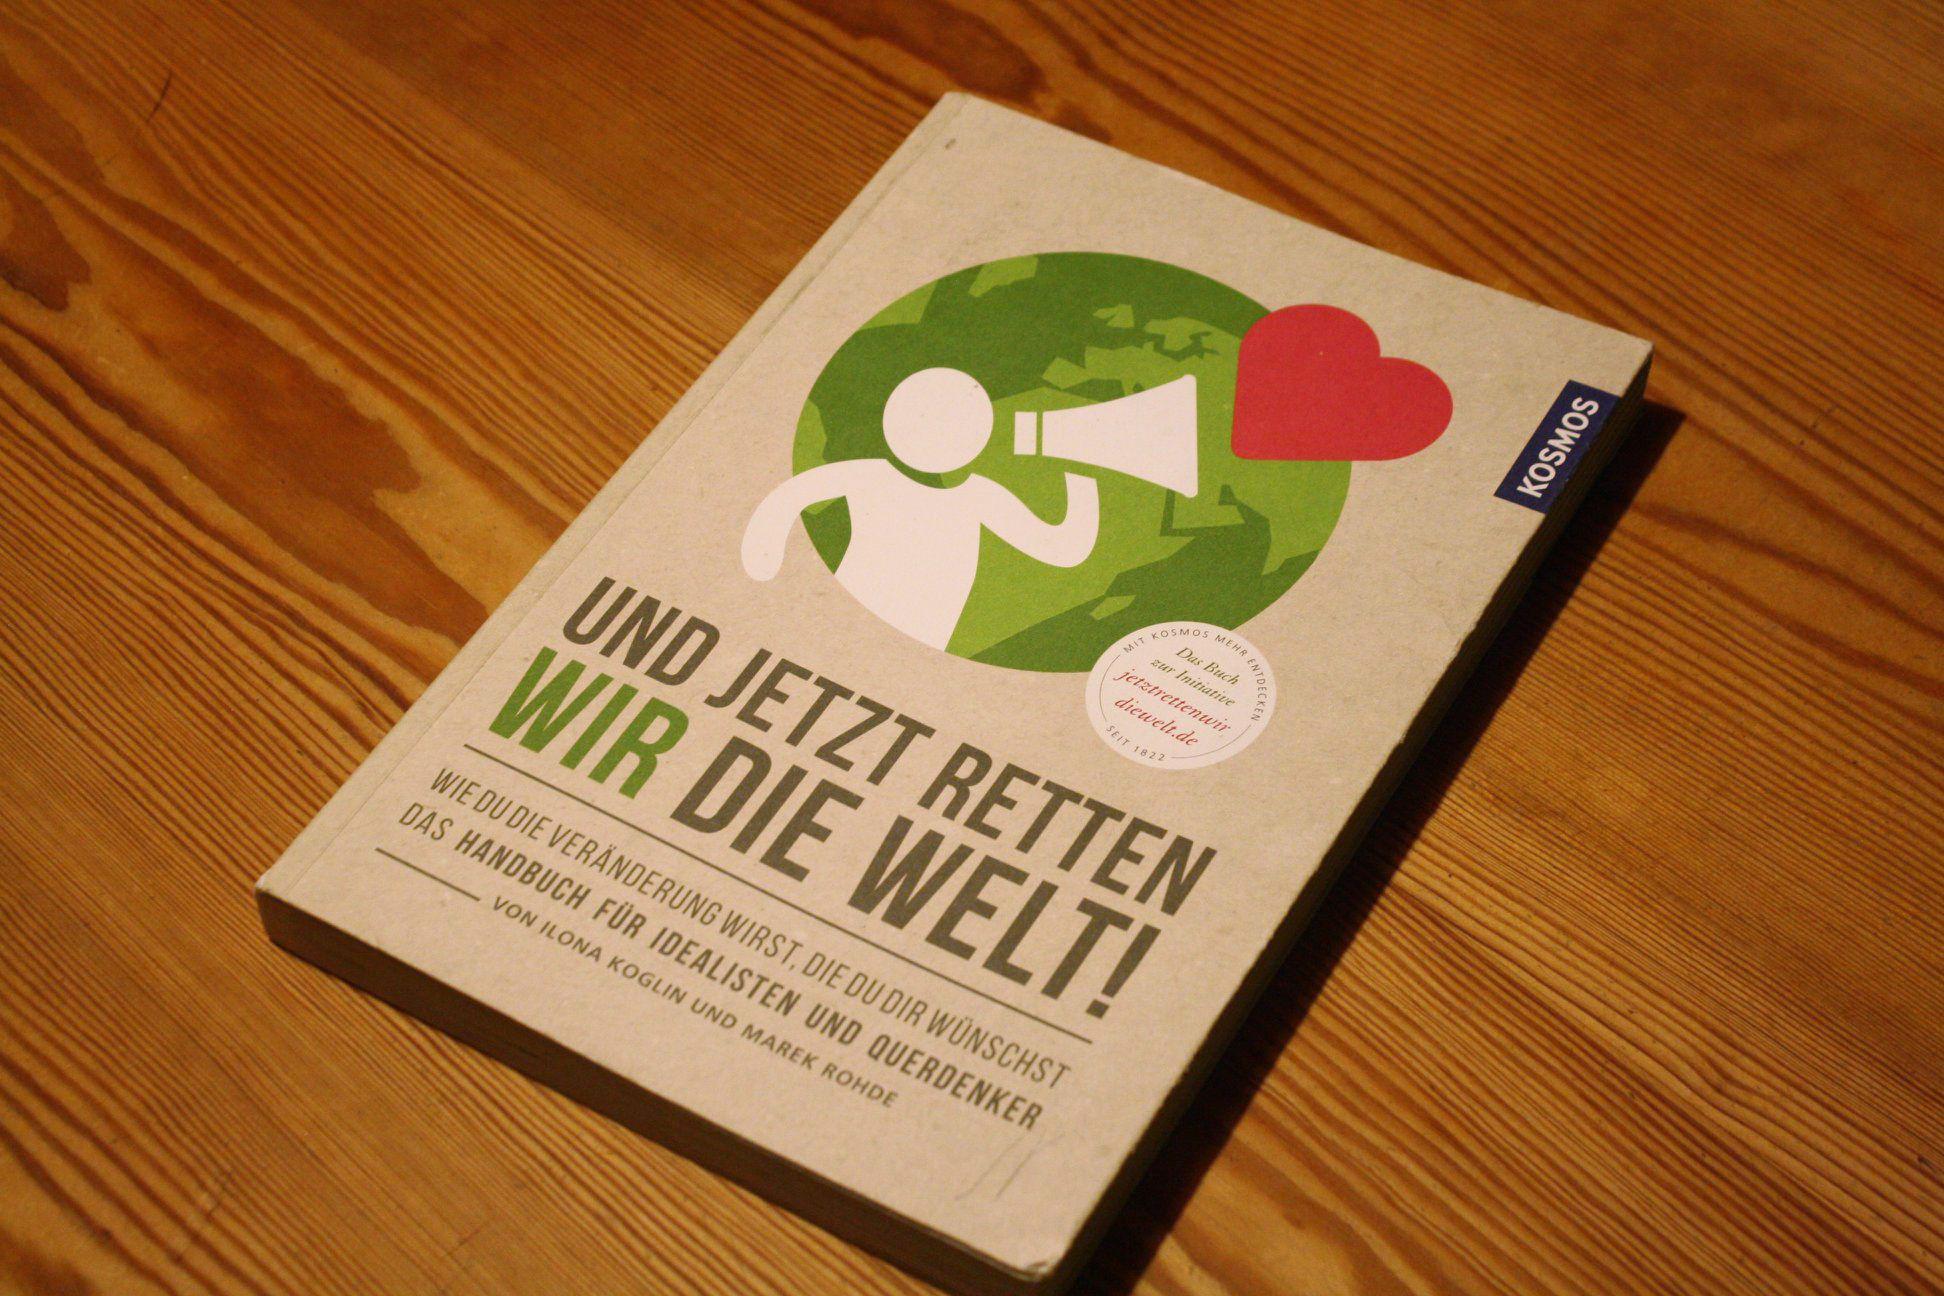 Buchempfehlung Jetzt retten wir die Welt.jpg